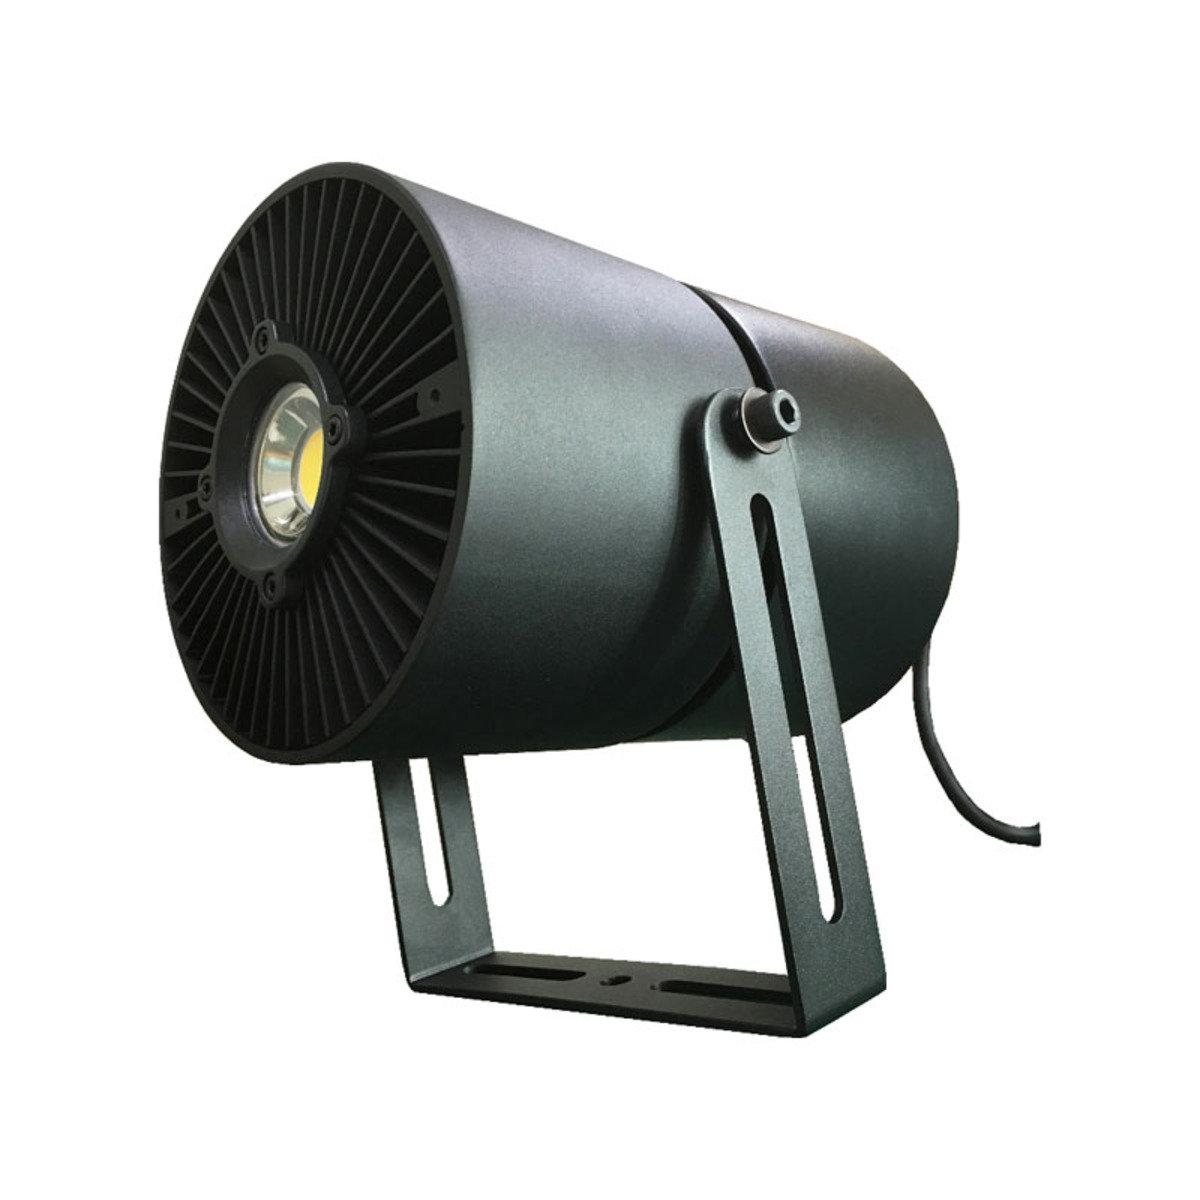 120w 1.32萬流明 5000K色溫 白光 IP68防水戶外 LED泛光燈 ODW120